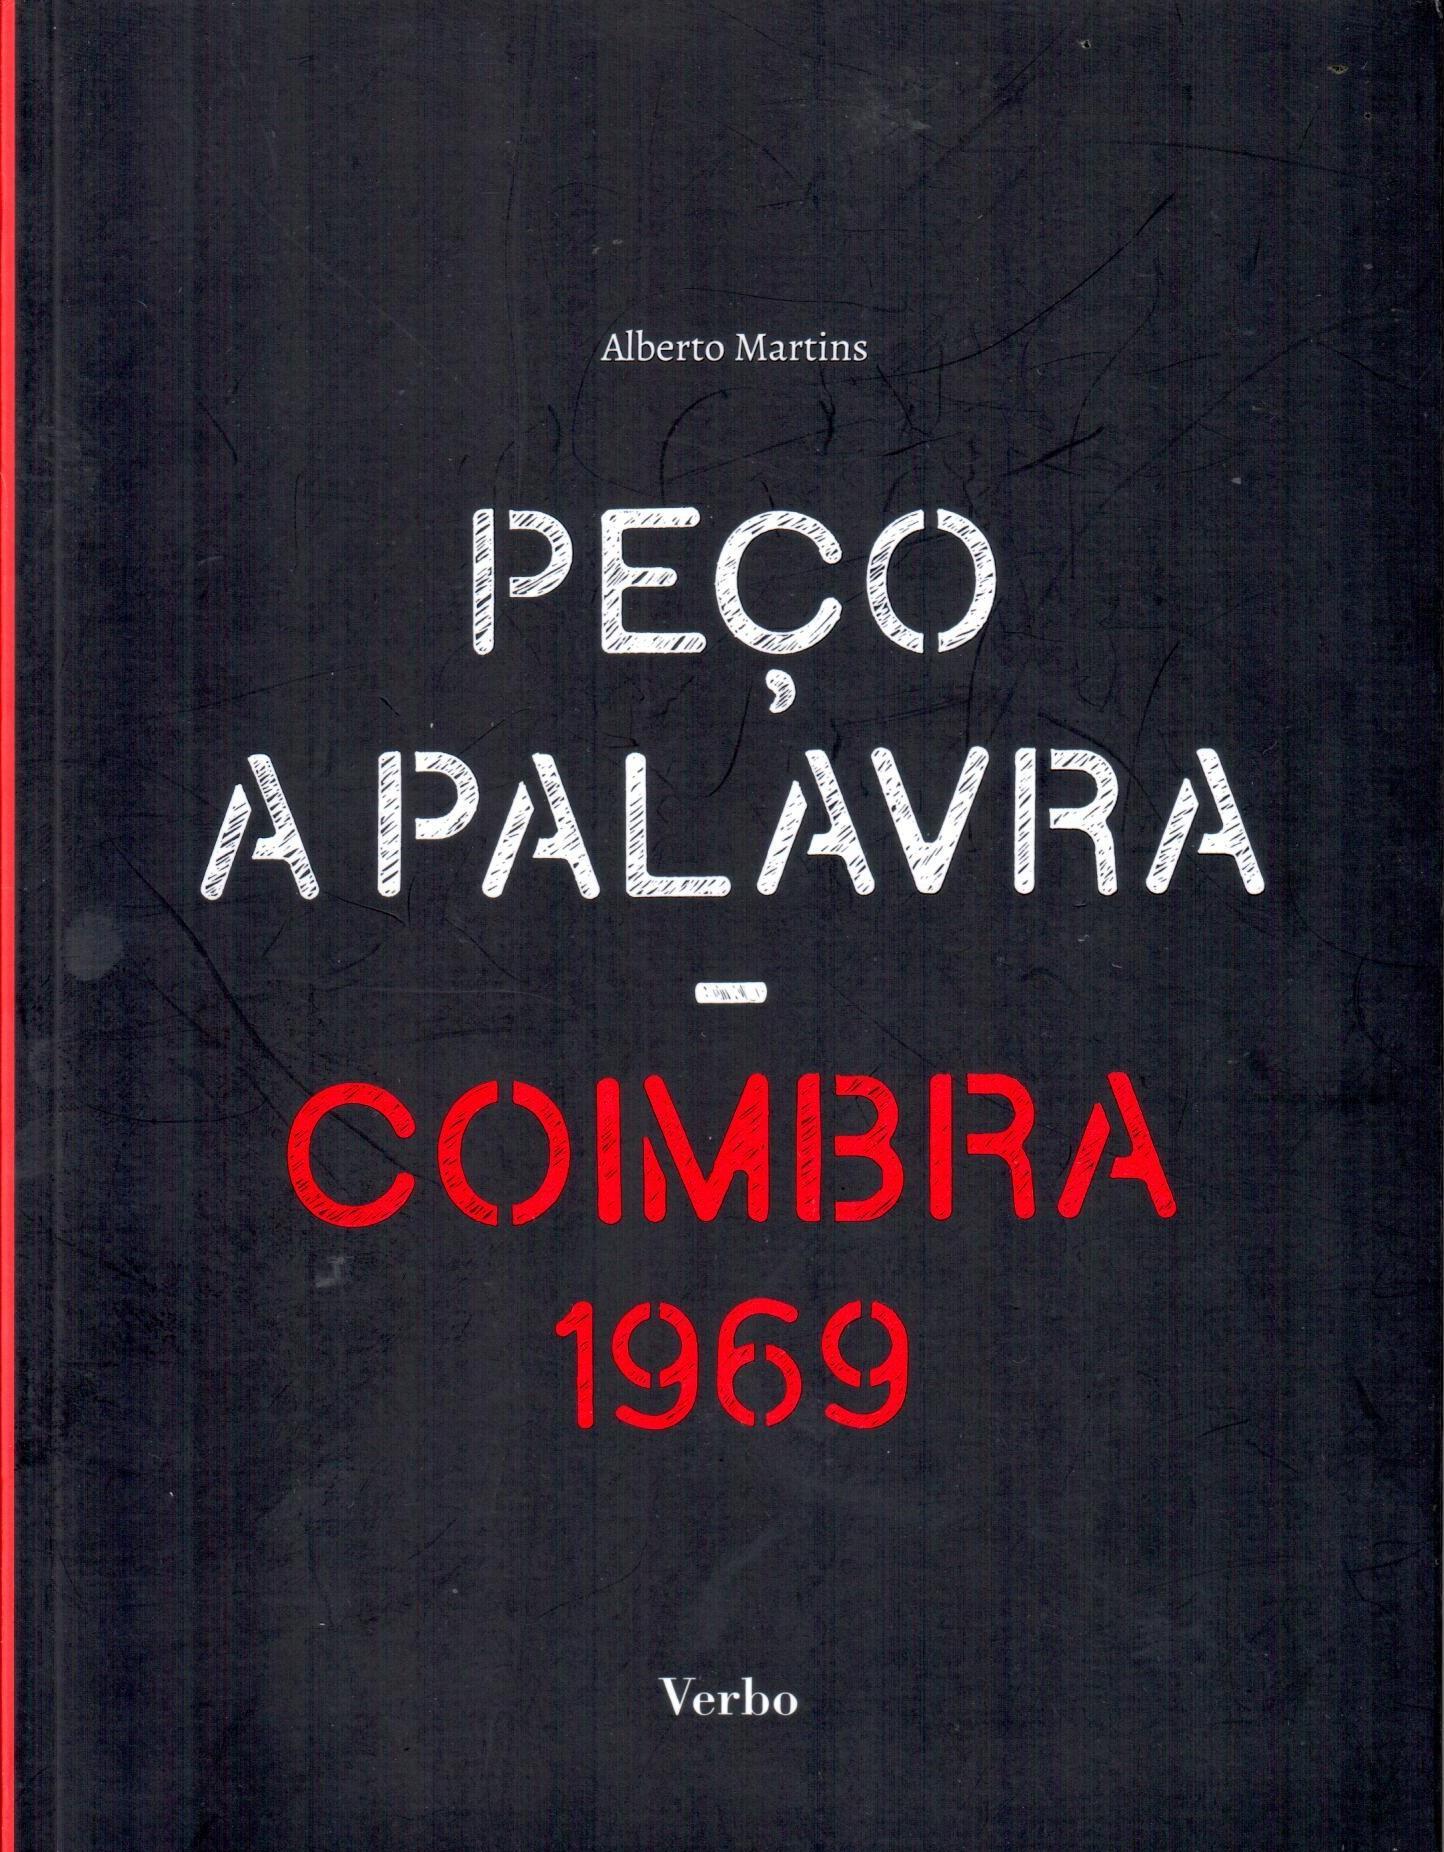 Capa do livro Peço a Palavra, de Alberto Martins